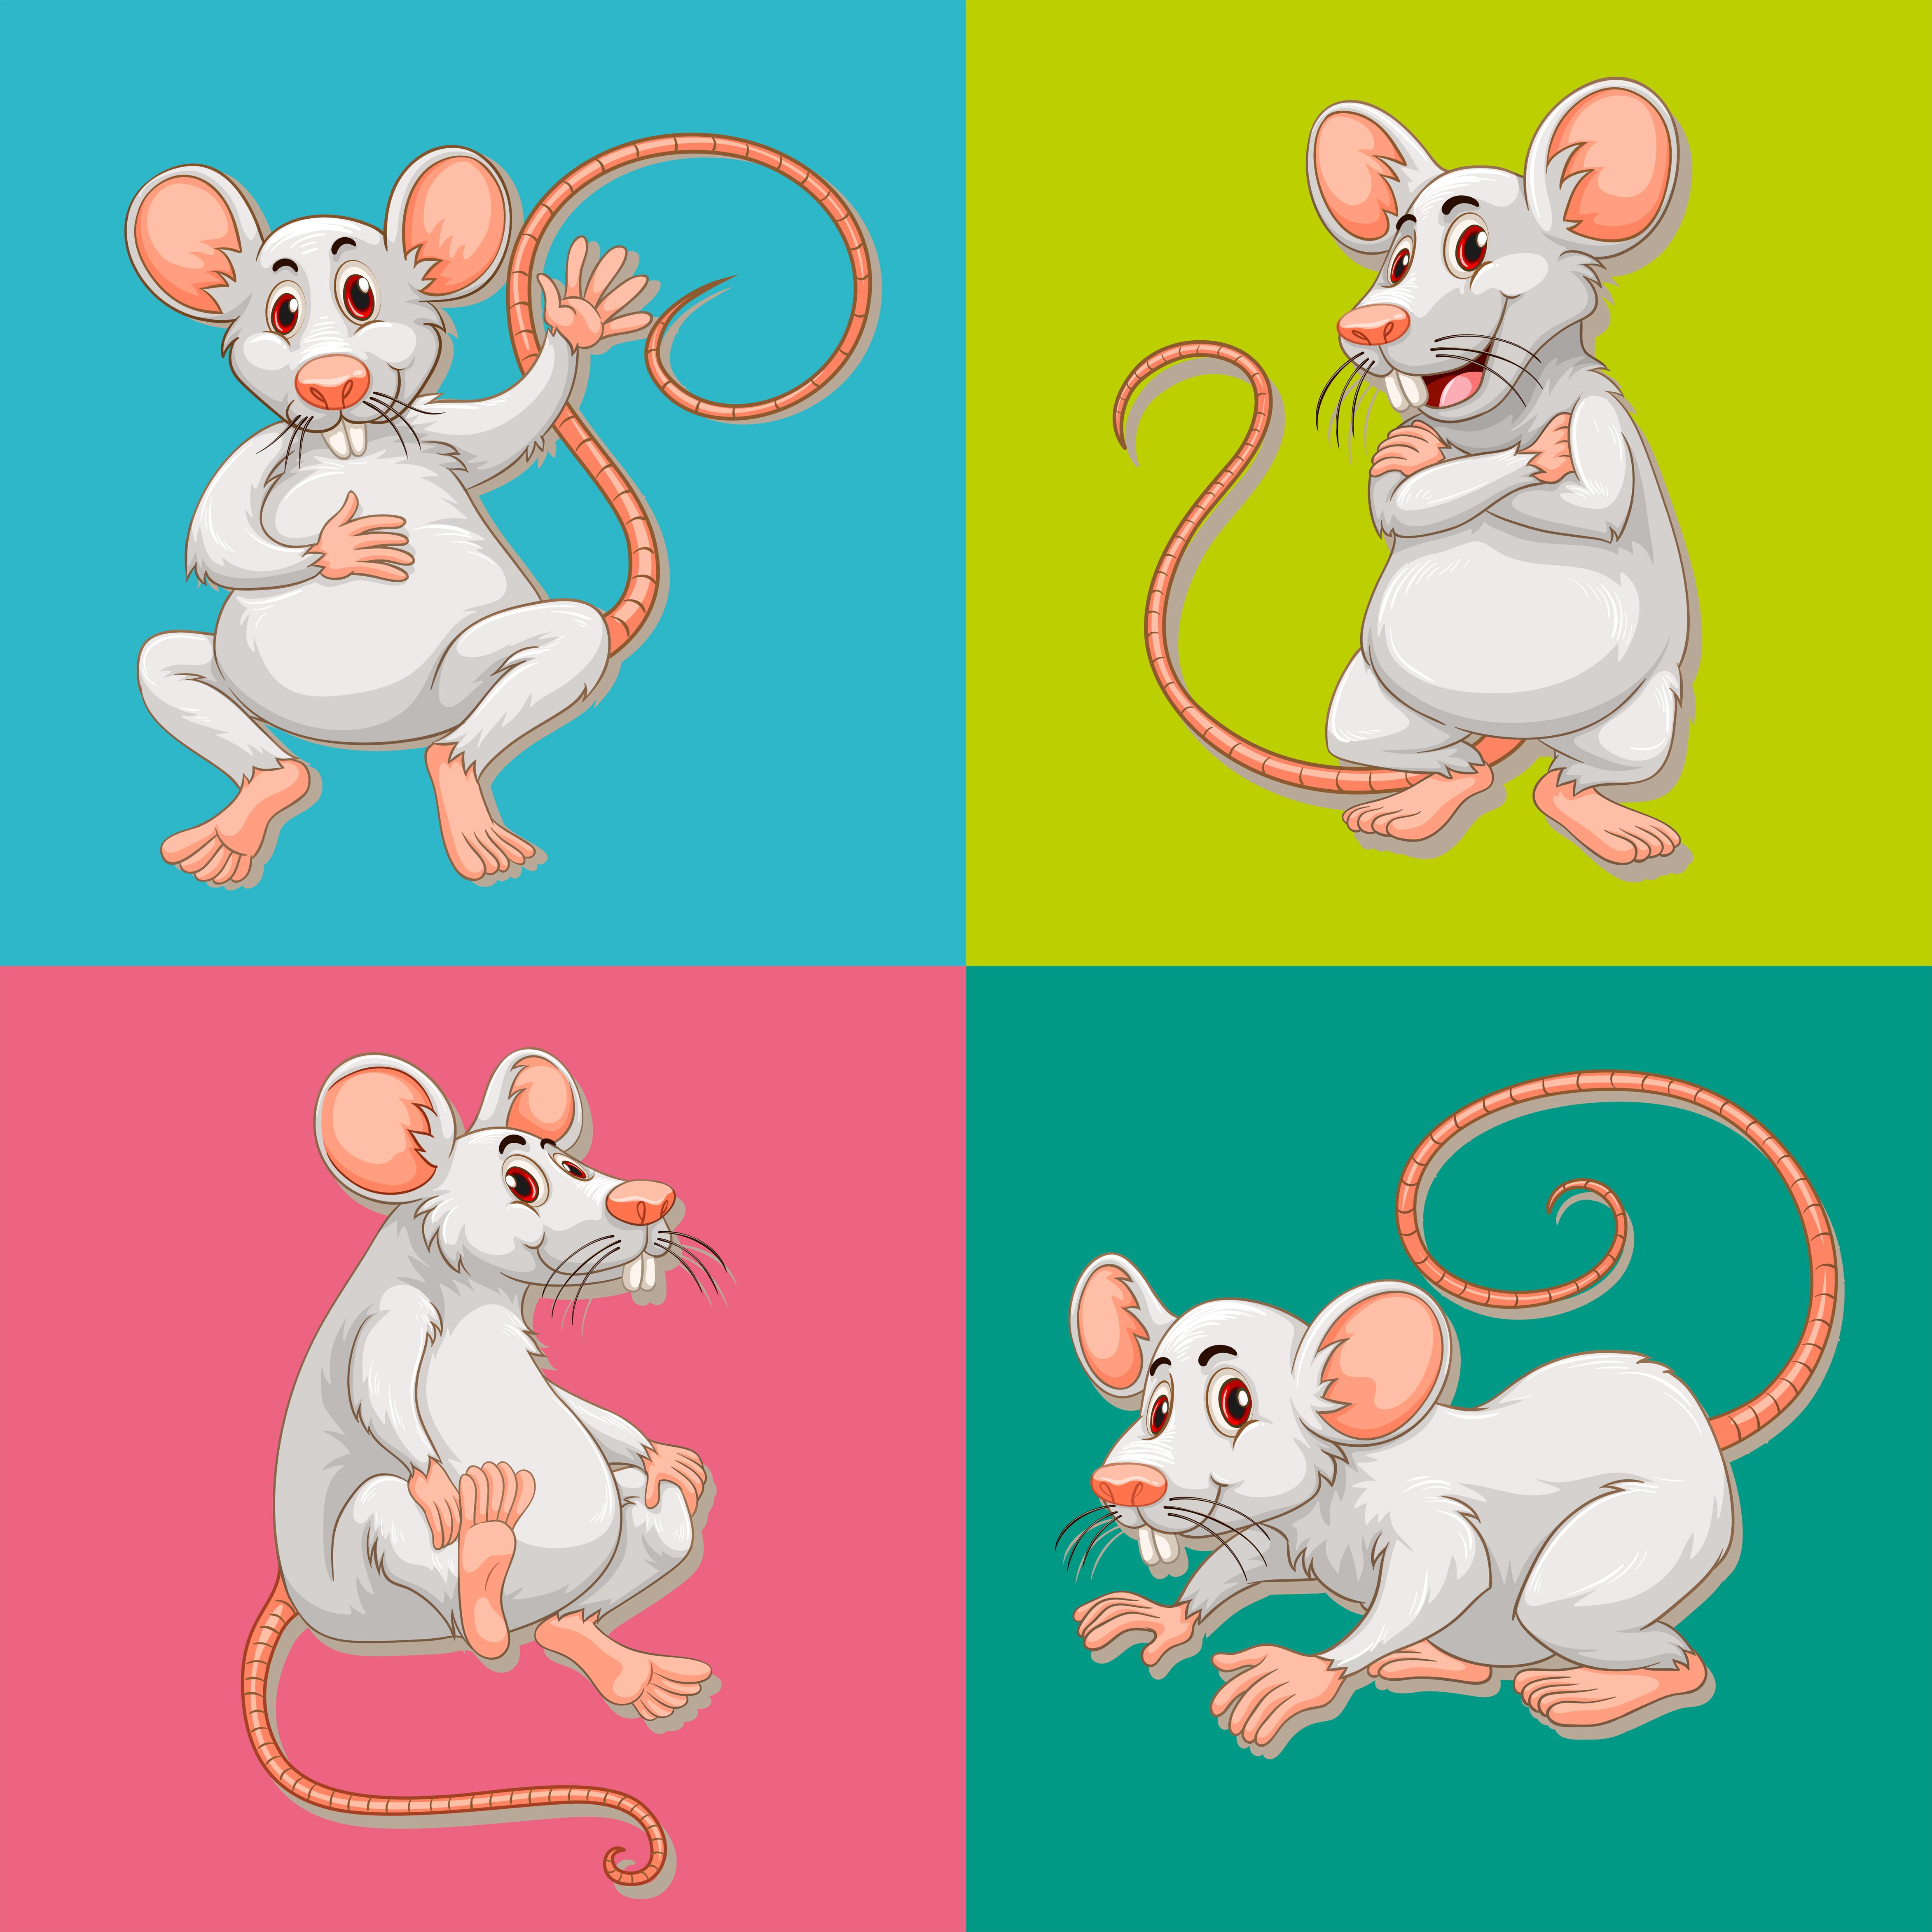 卡通老鼠 免費下載   天天瘋後製